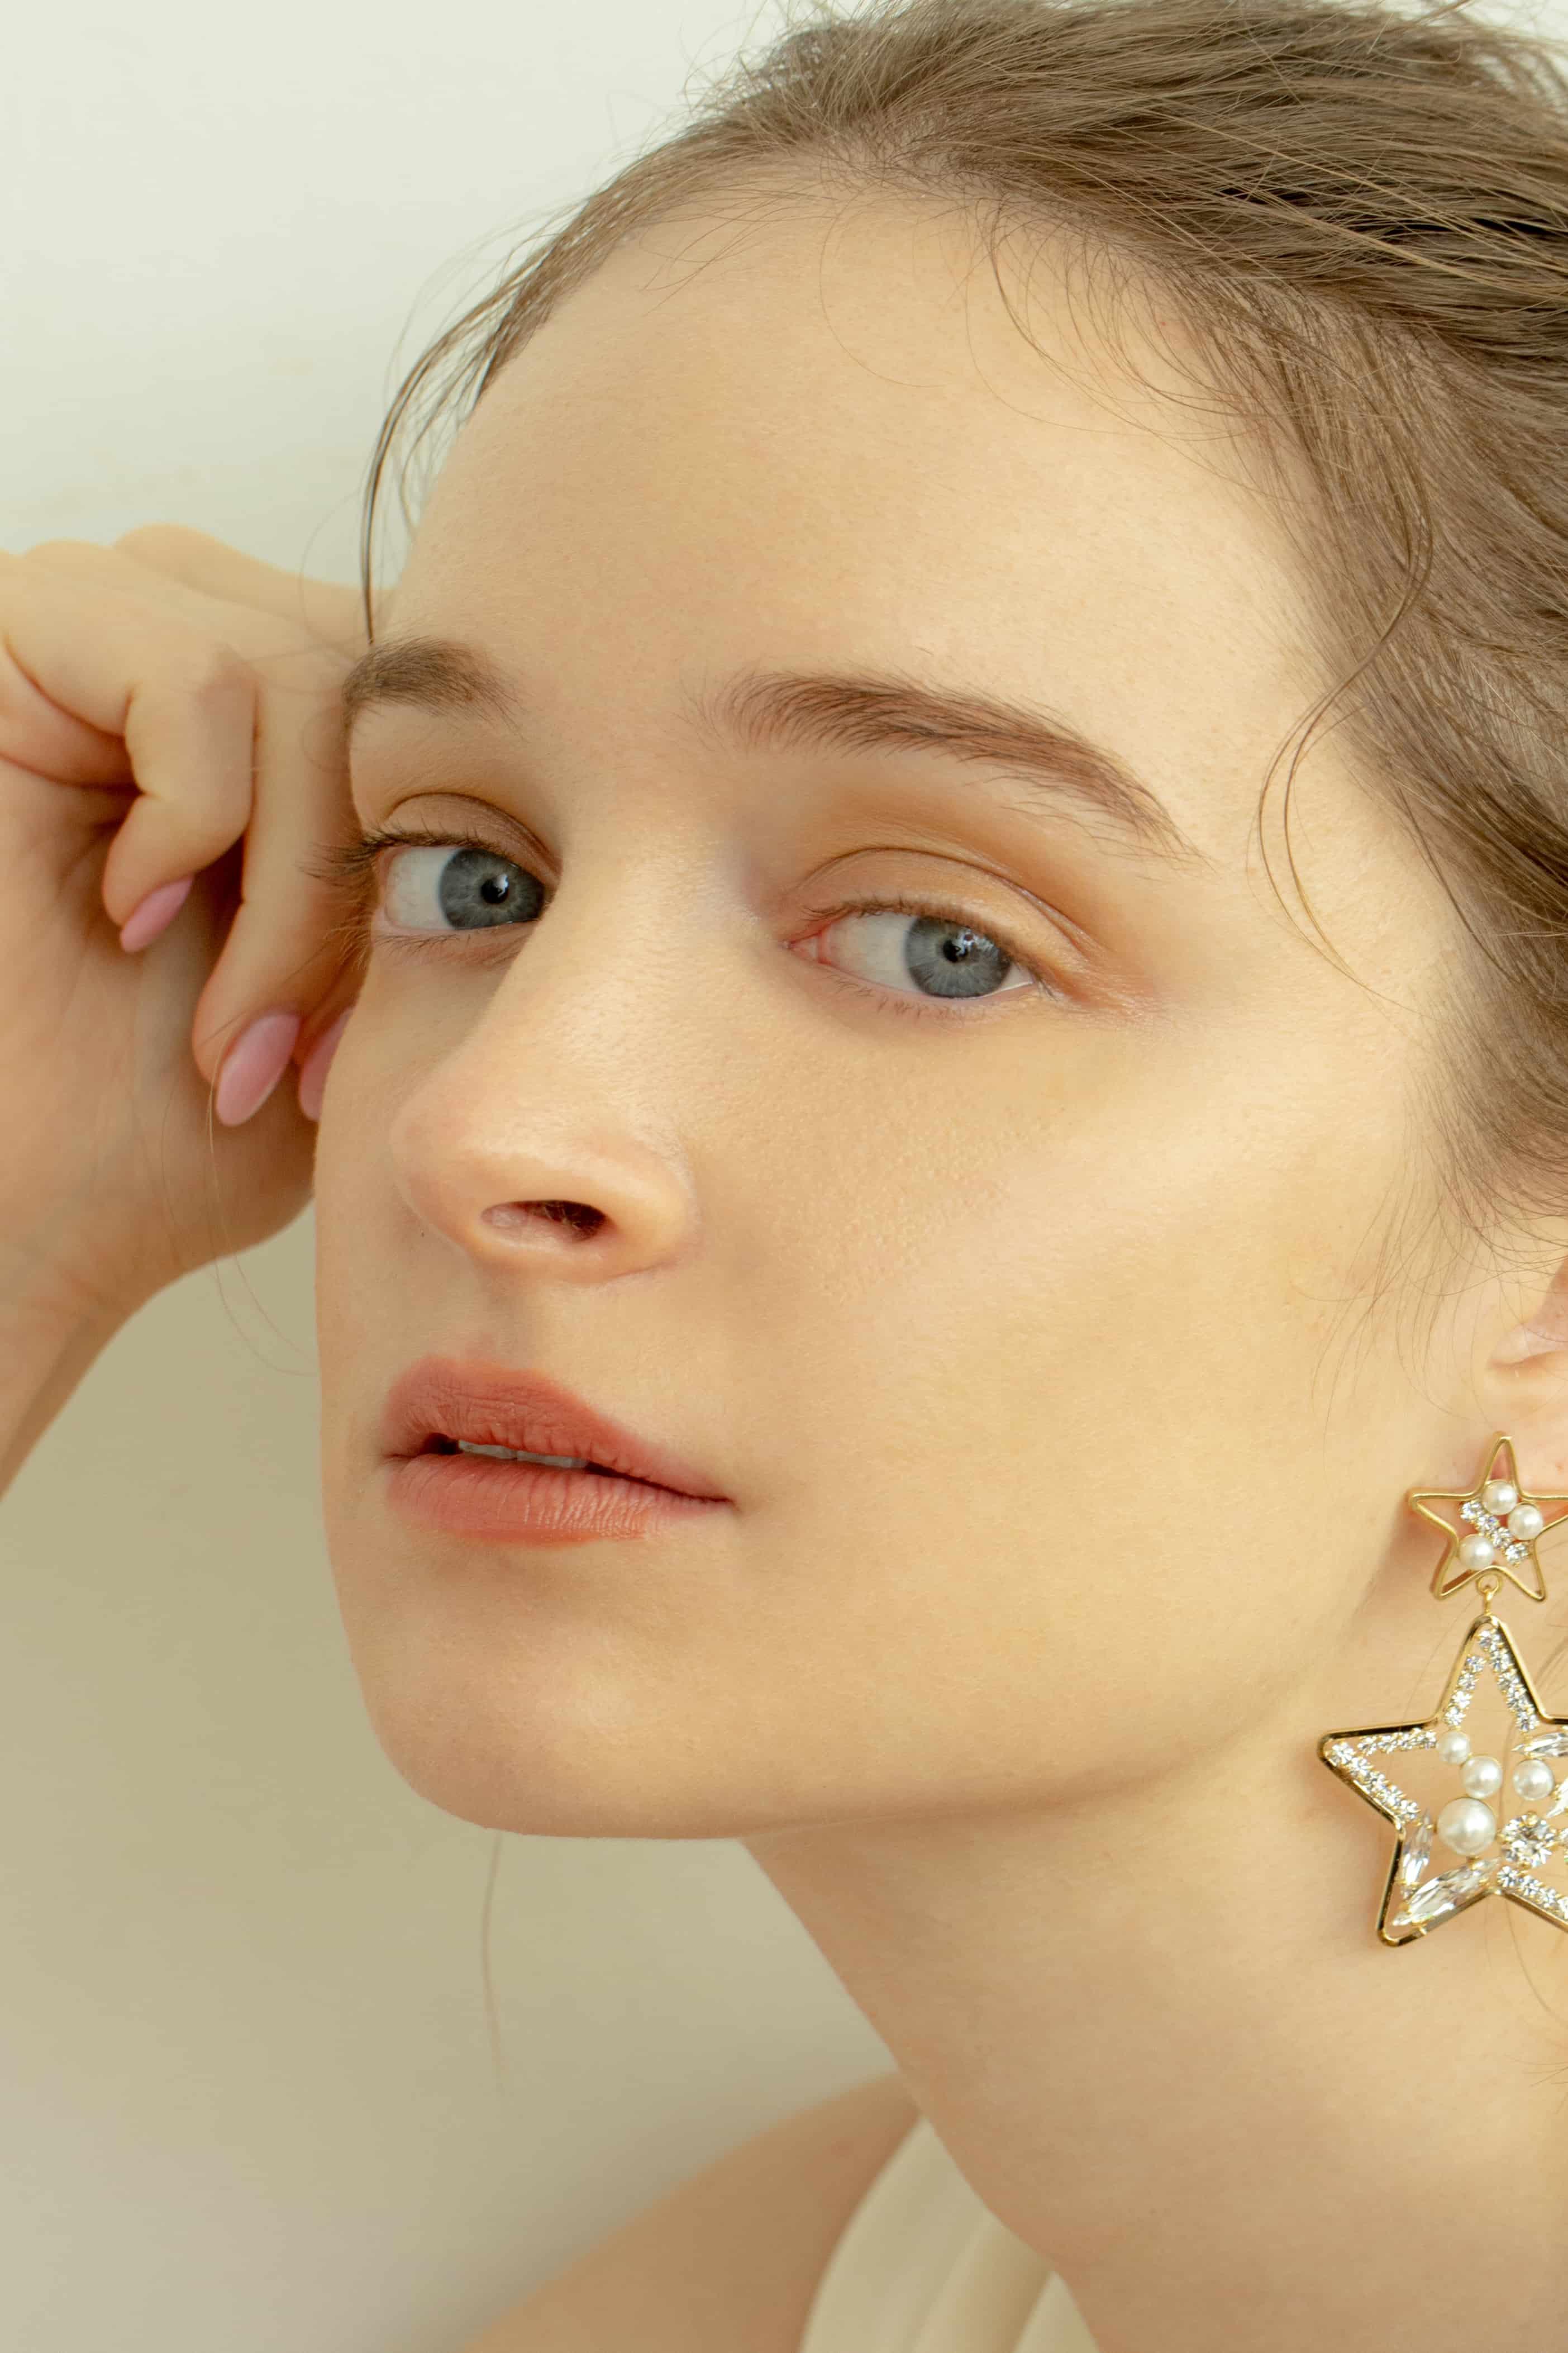 外国人モデル アリョーナの写真